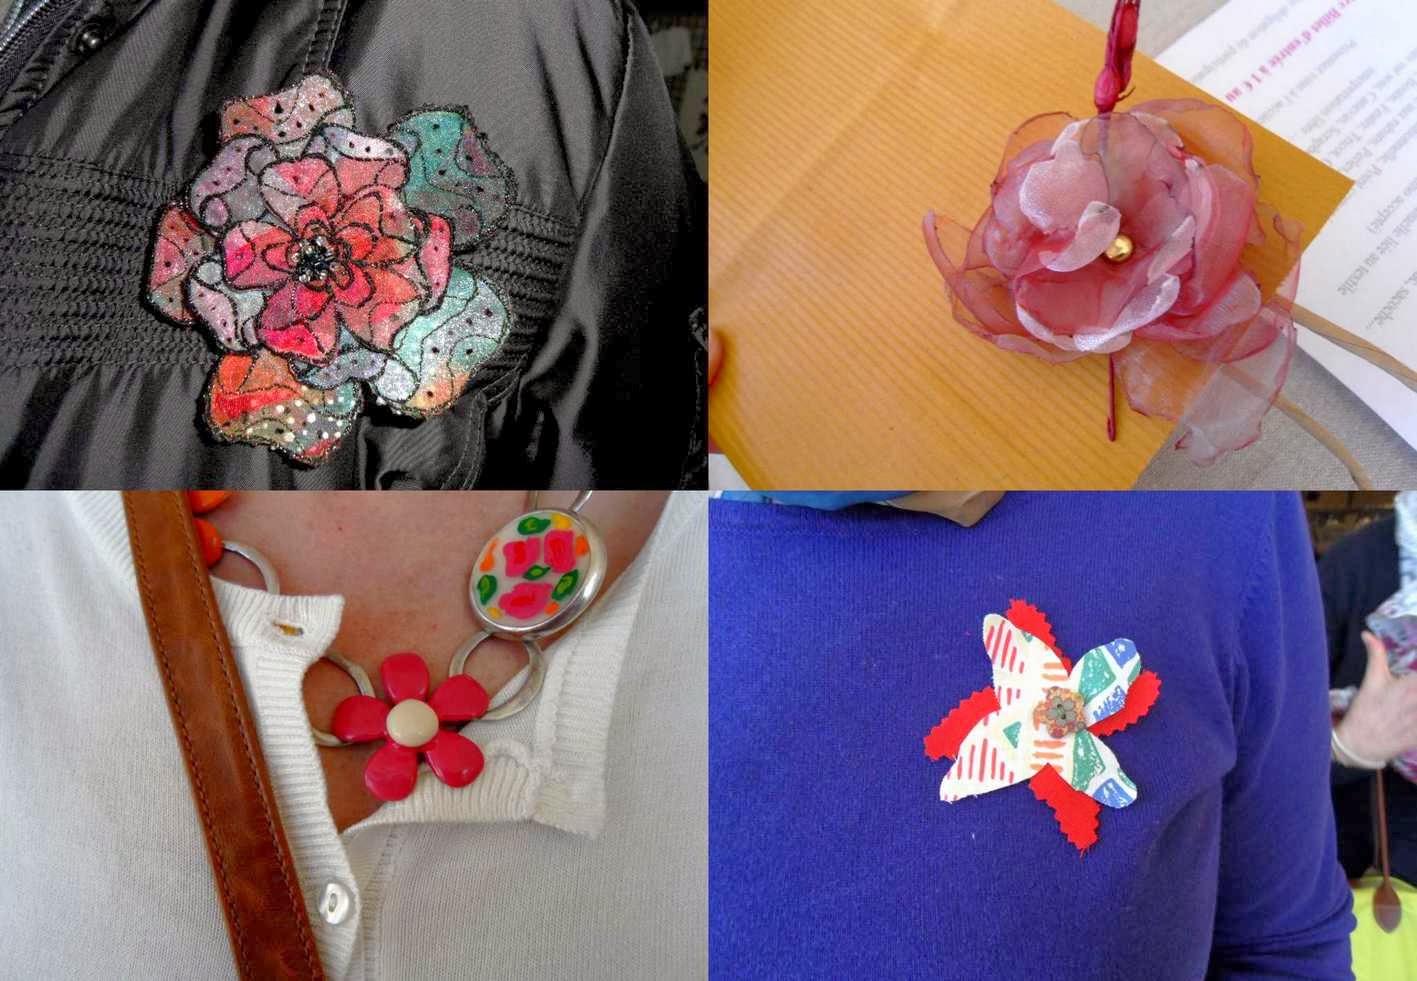 Salon des createurs du textile challenge fleurs for Salon du textile